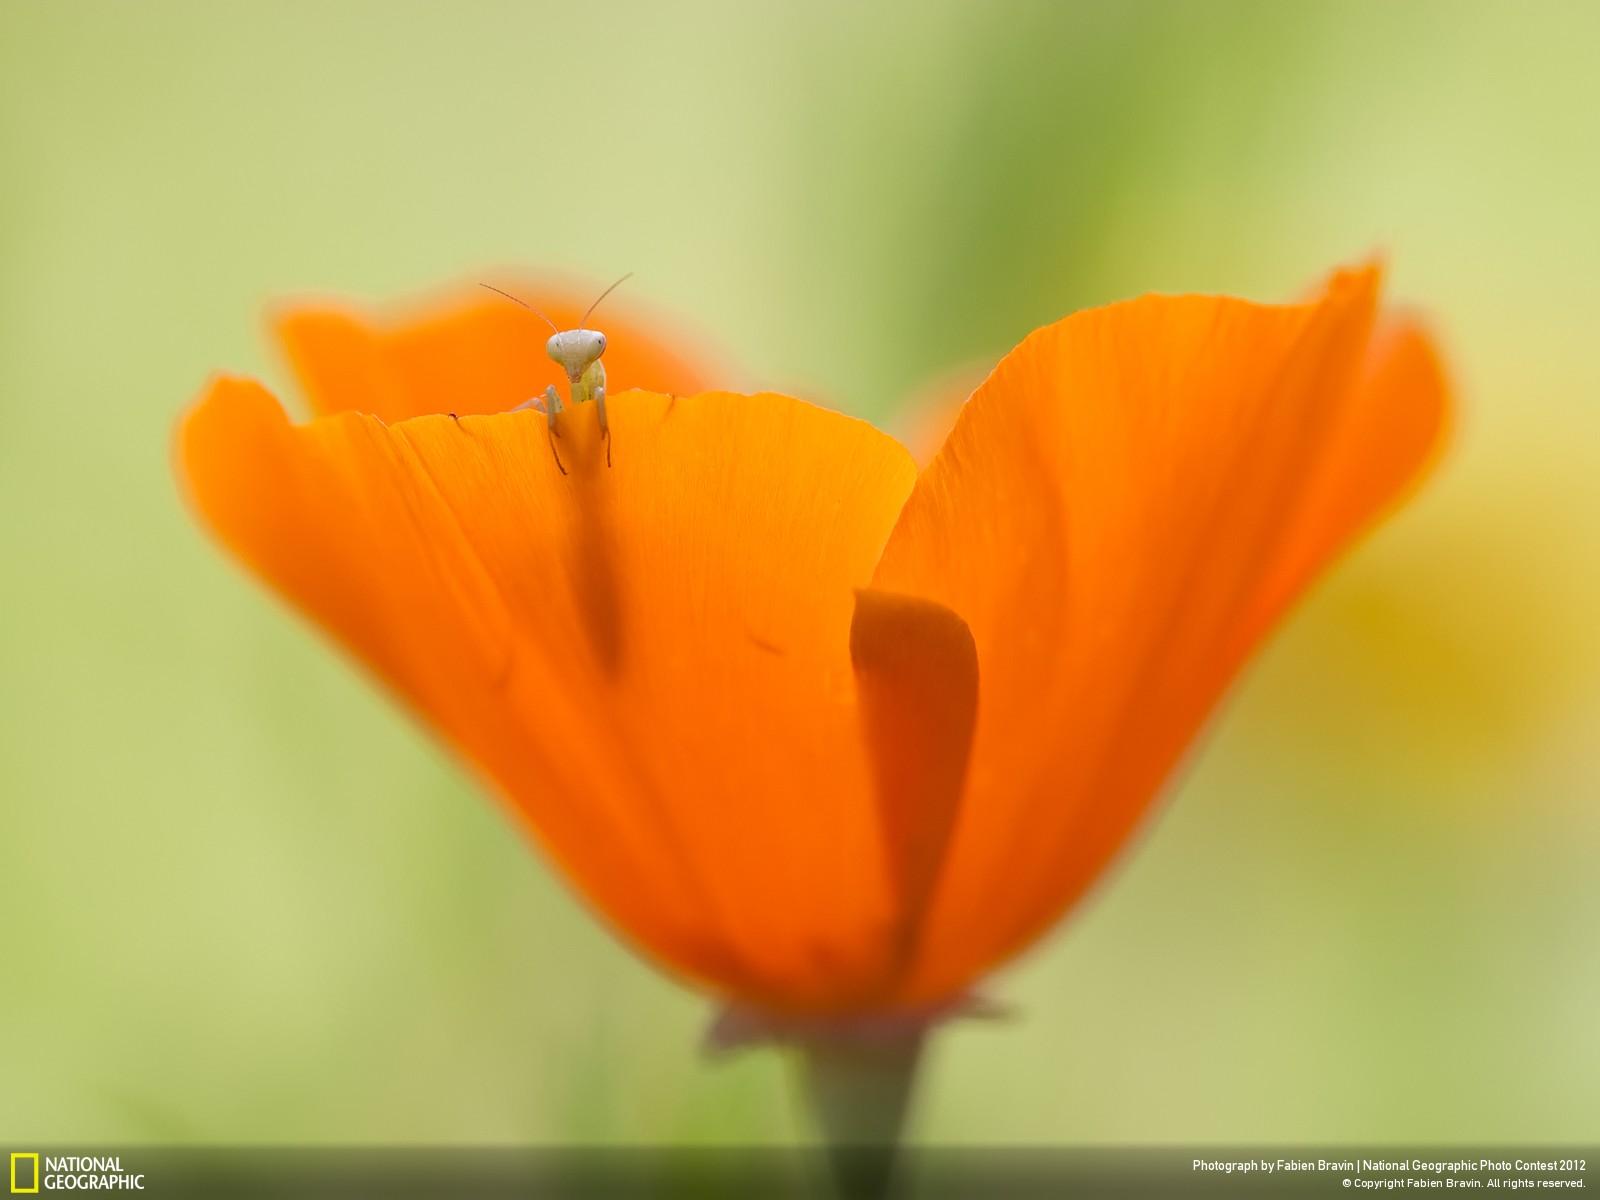 29 Лучшие фотографии за 2012 год по версии National Geographic